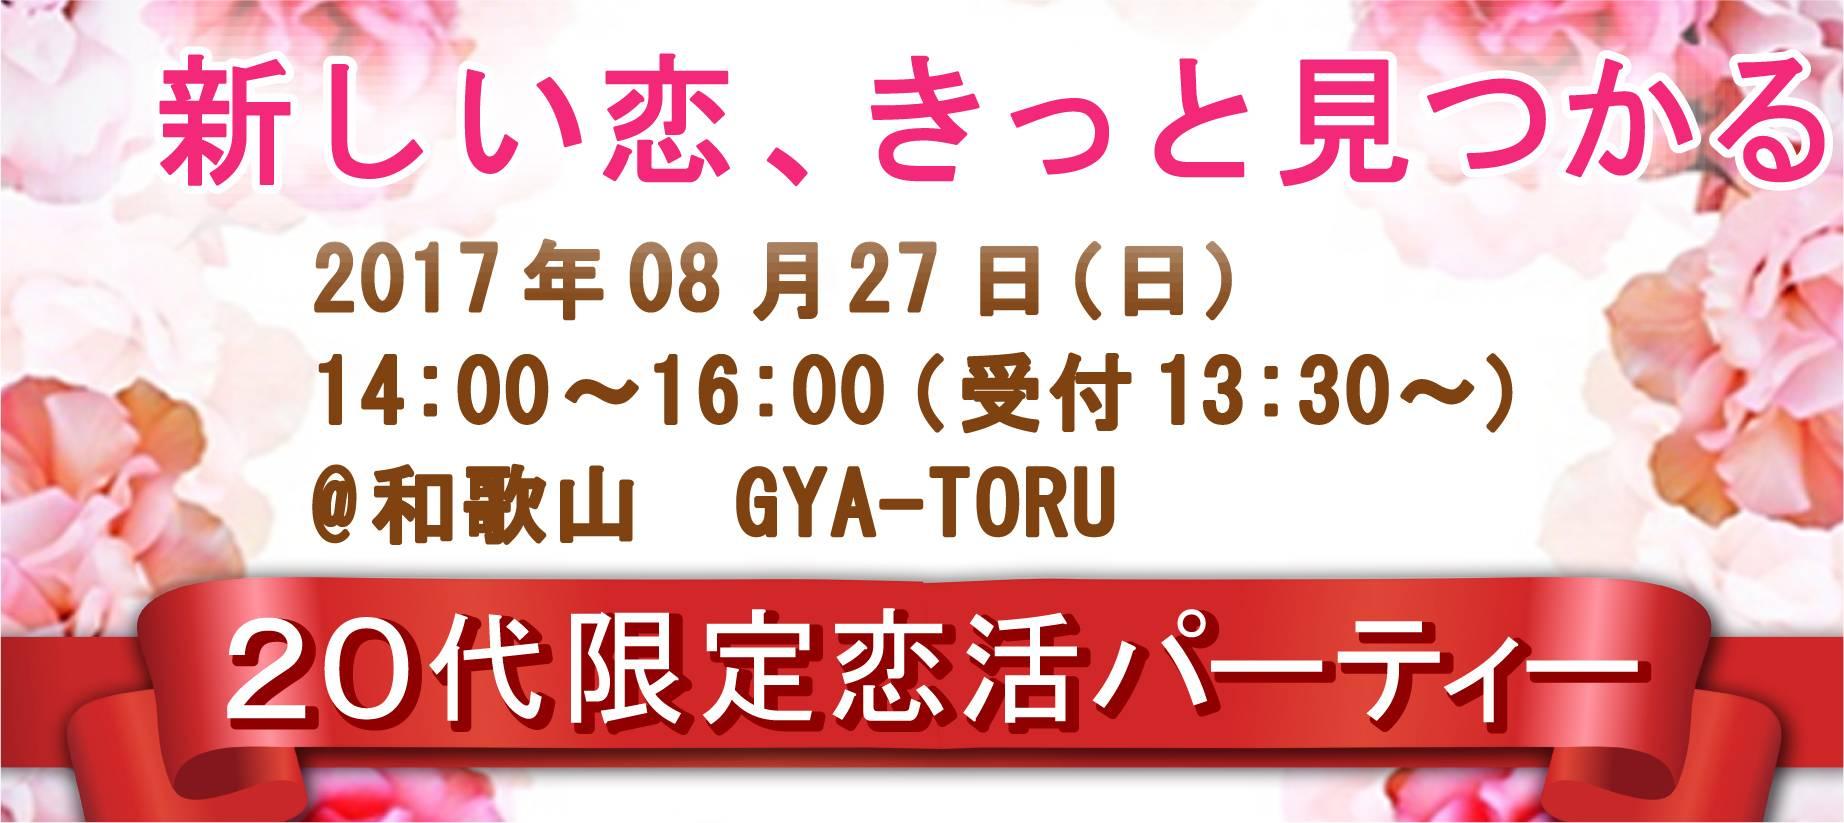 【和歌山の恋活パーティー】SHIAN'S PARTY主催 2017年8月27日